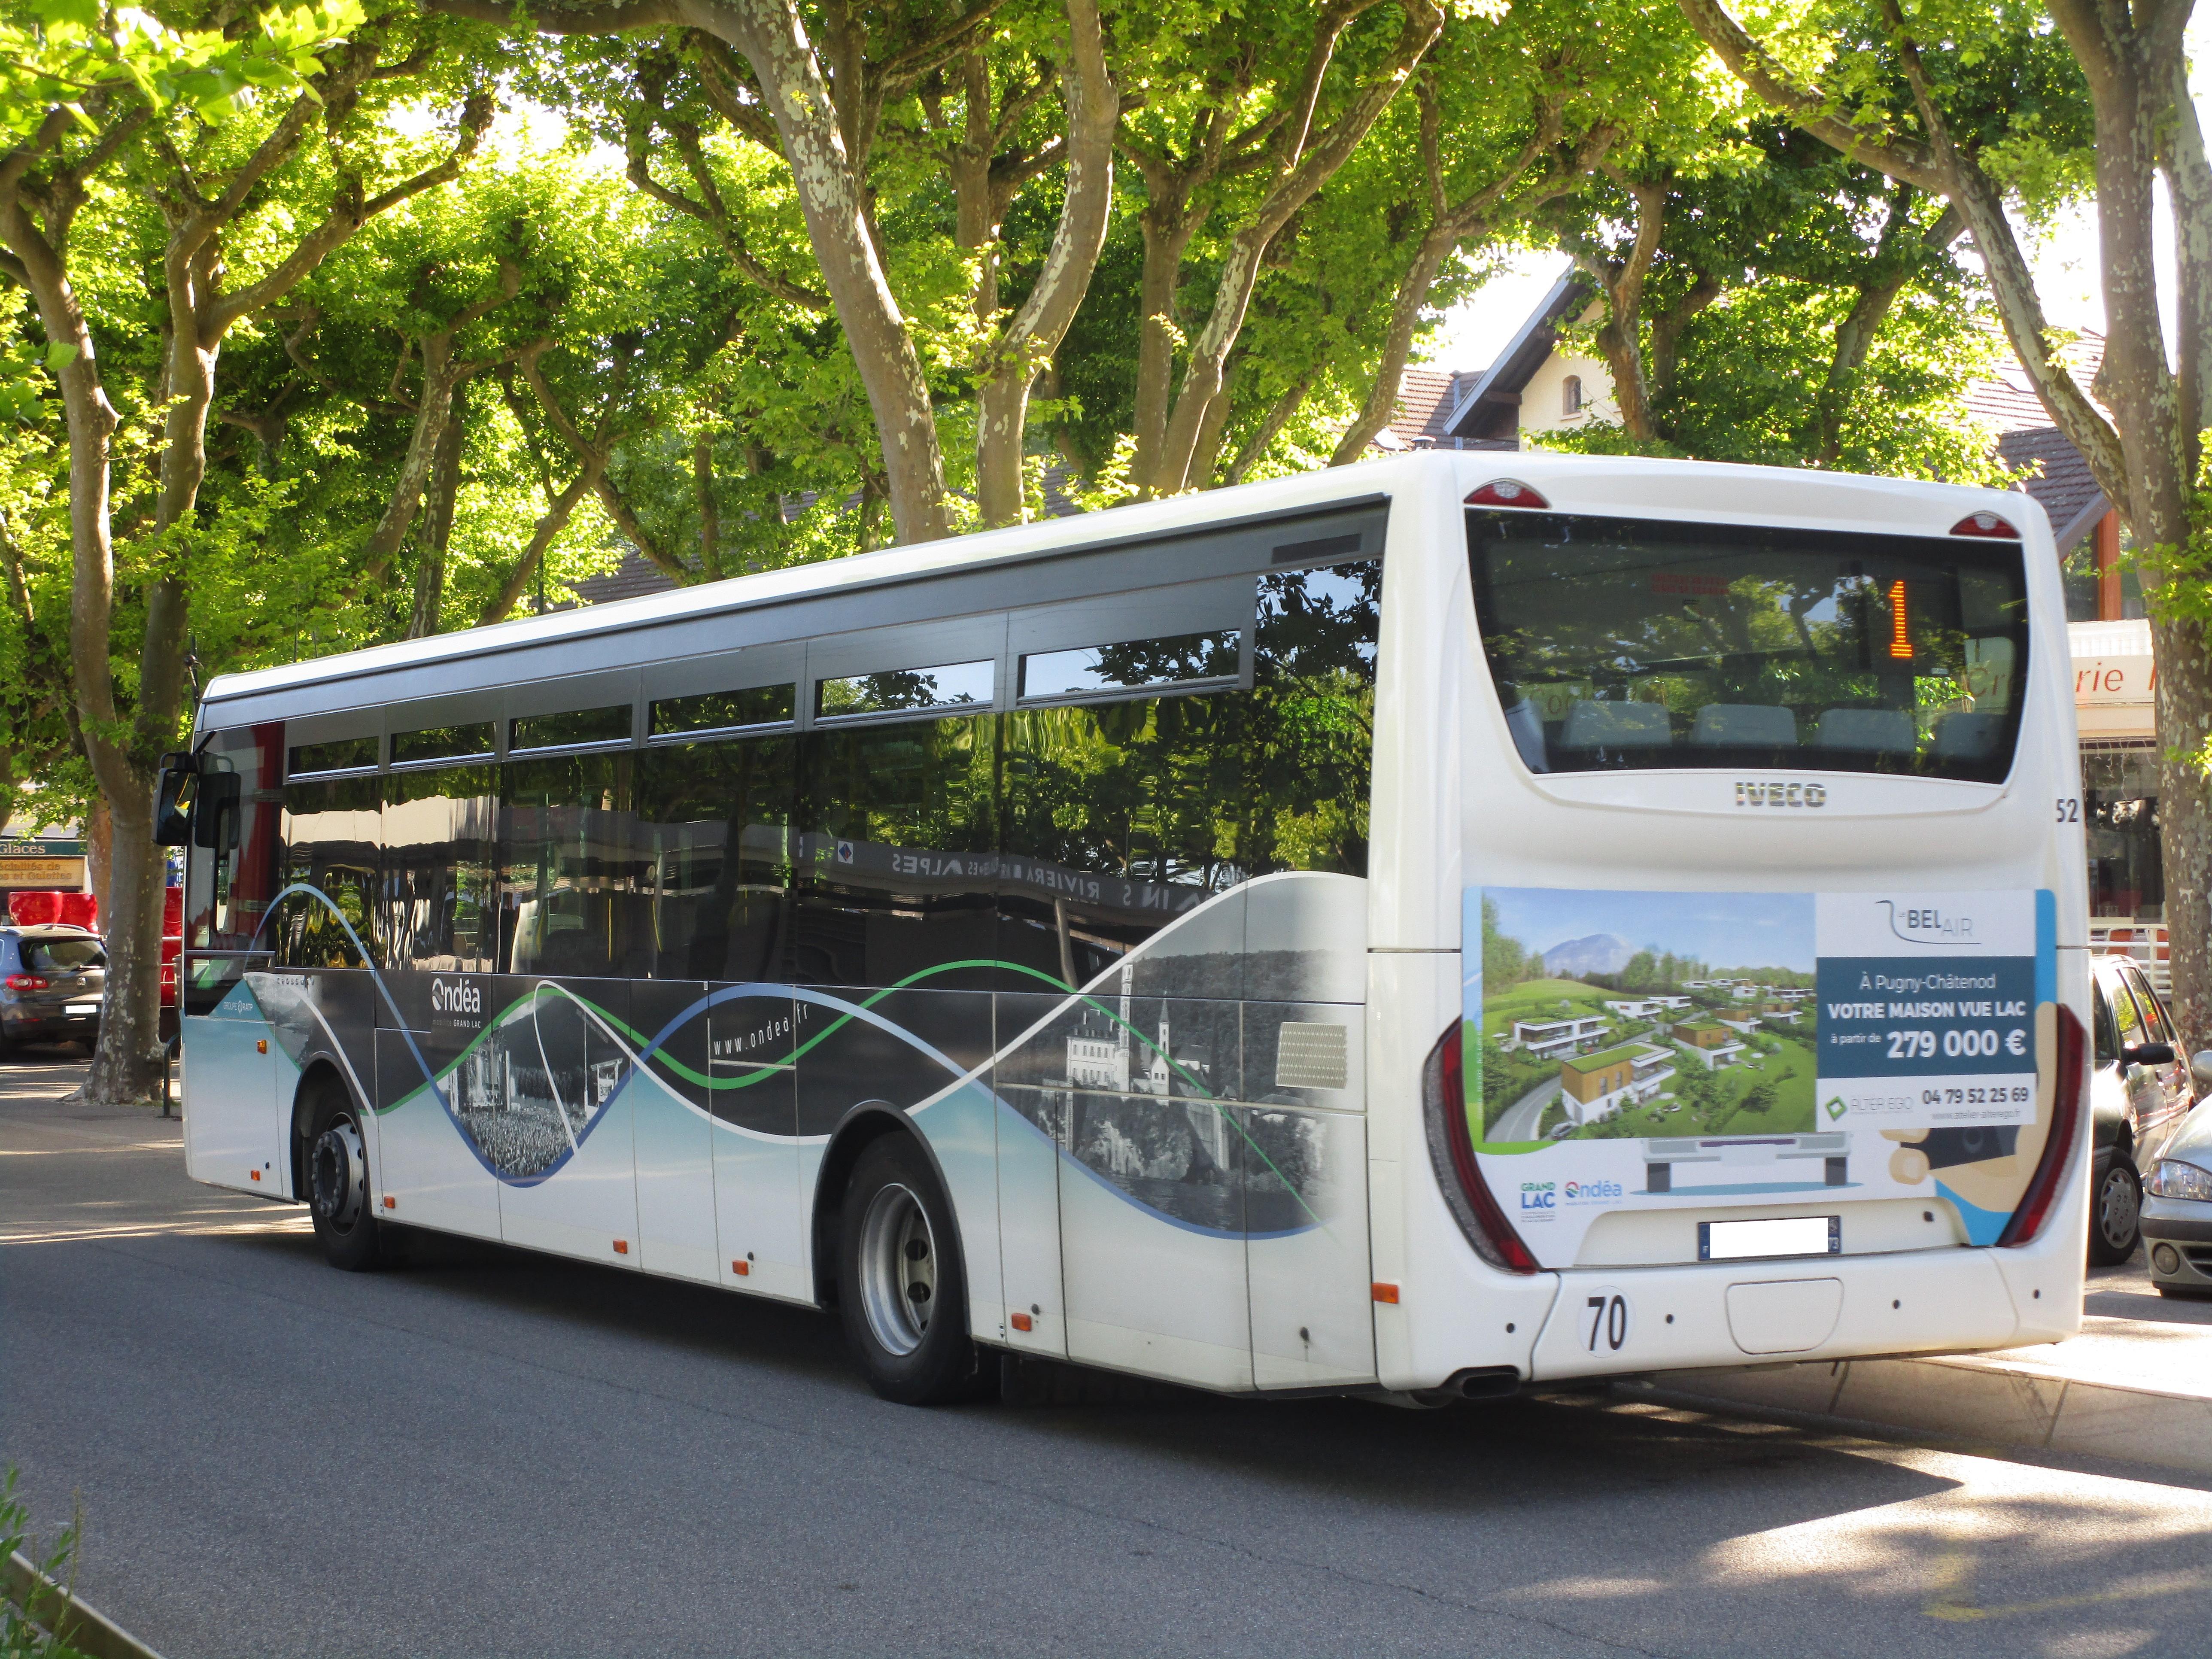 Fichier iveco crossway le n 52 vue arri re ond a - Horaires bus salon aix ...